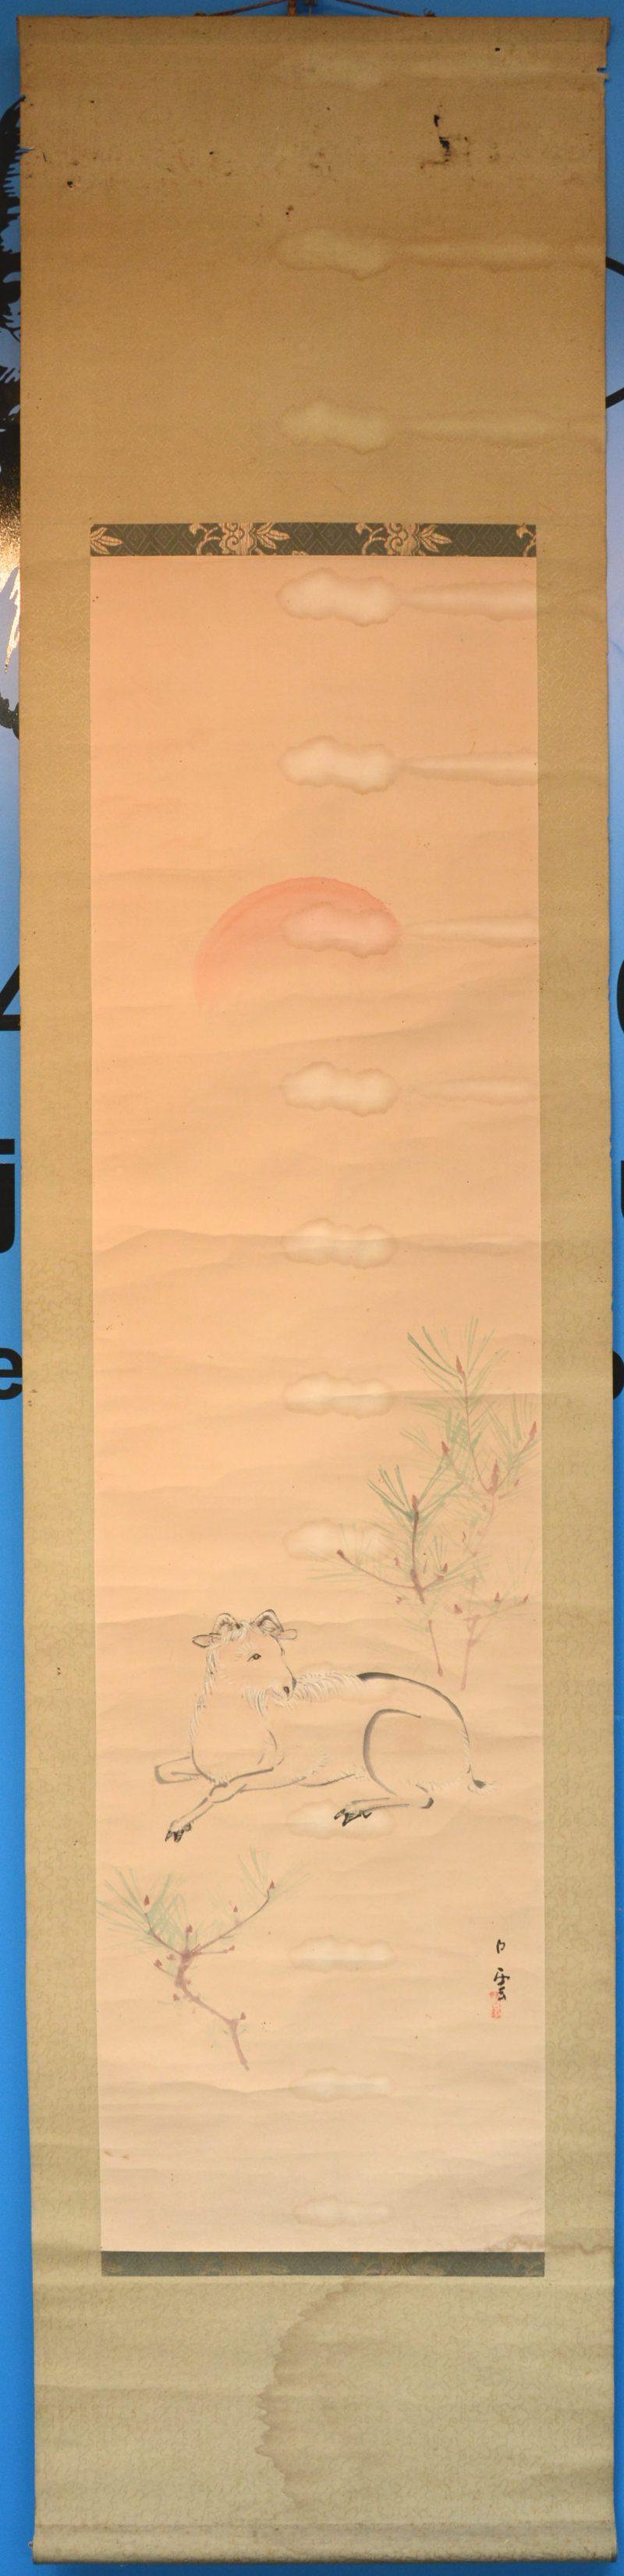 Een handgeschilderde Chinese scroll met een afbeelding van een bok. Inkt op papier. Vochtvlekken.